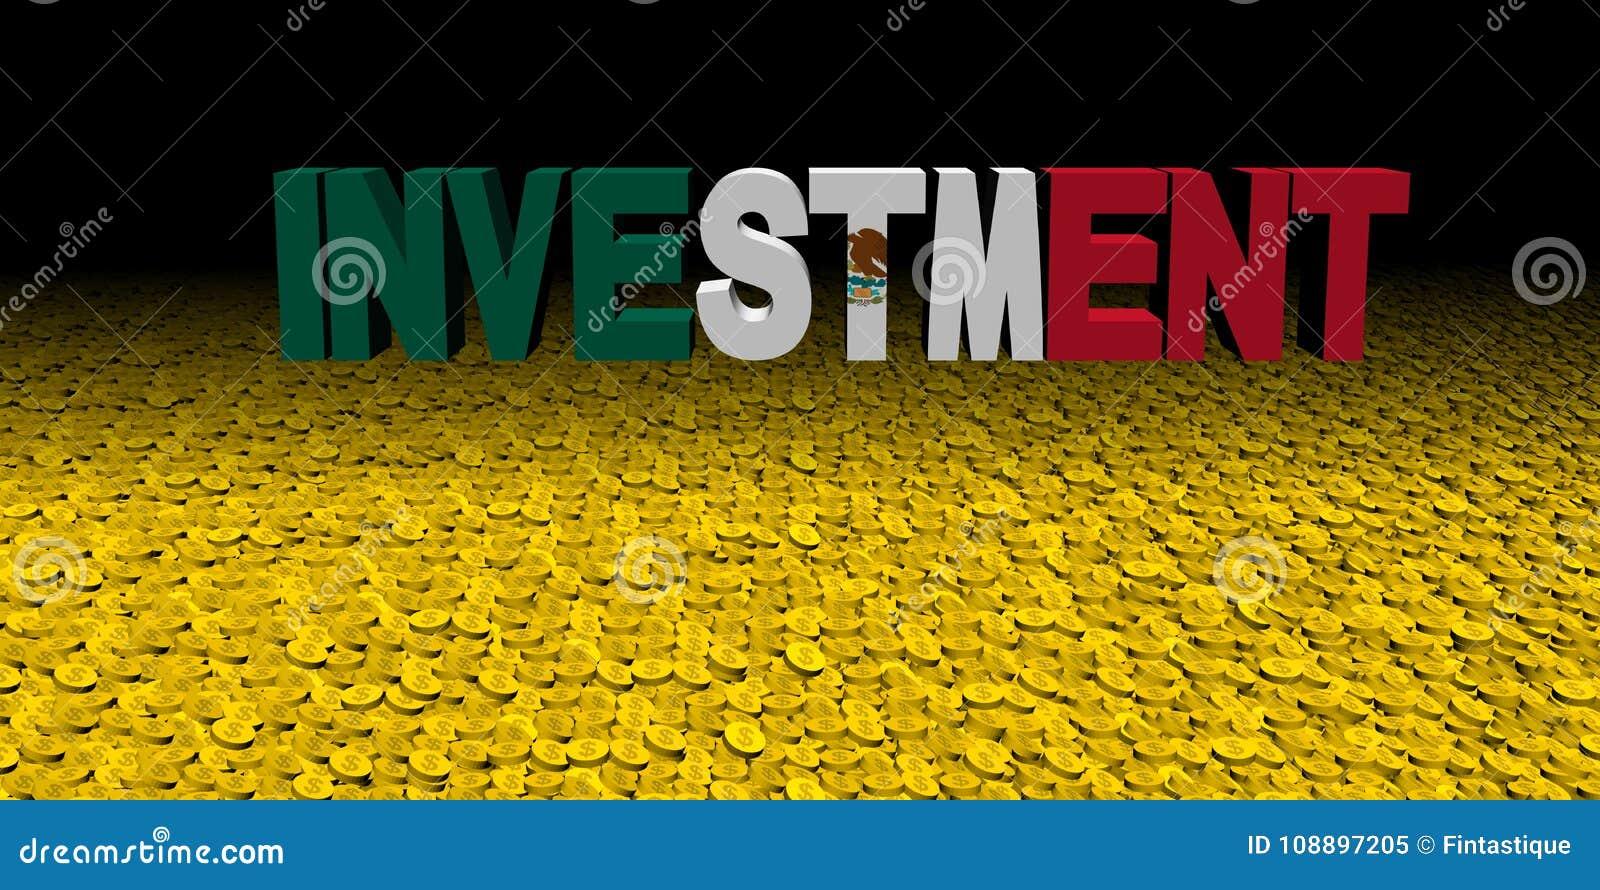 Investeringstekst met Mexicaanse vlag op muntstukkenillustratie